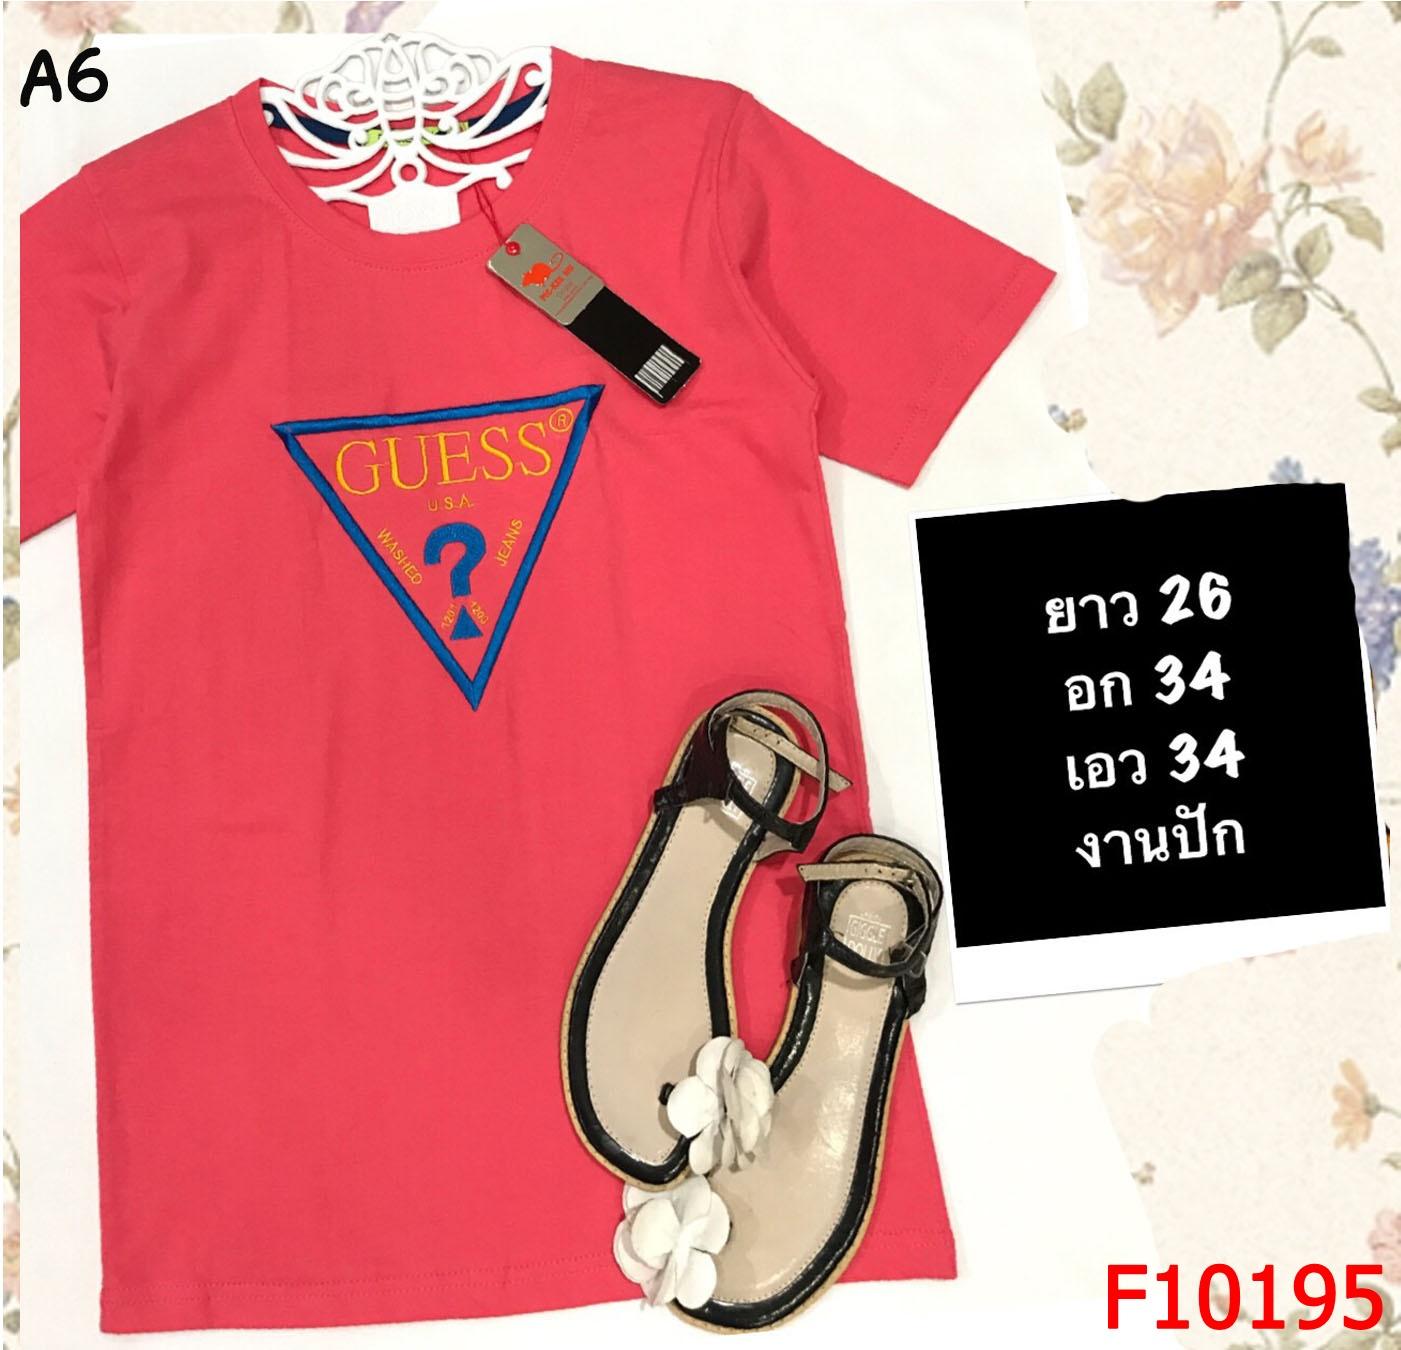 F10195 เสื้อยืดคอกลม แขนสั้น ปักลาย GUESS สีโอรส(ชมพู)